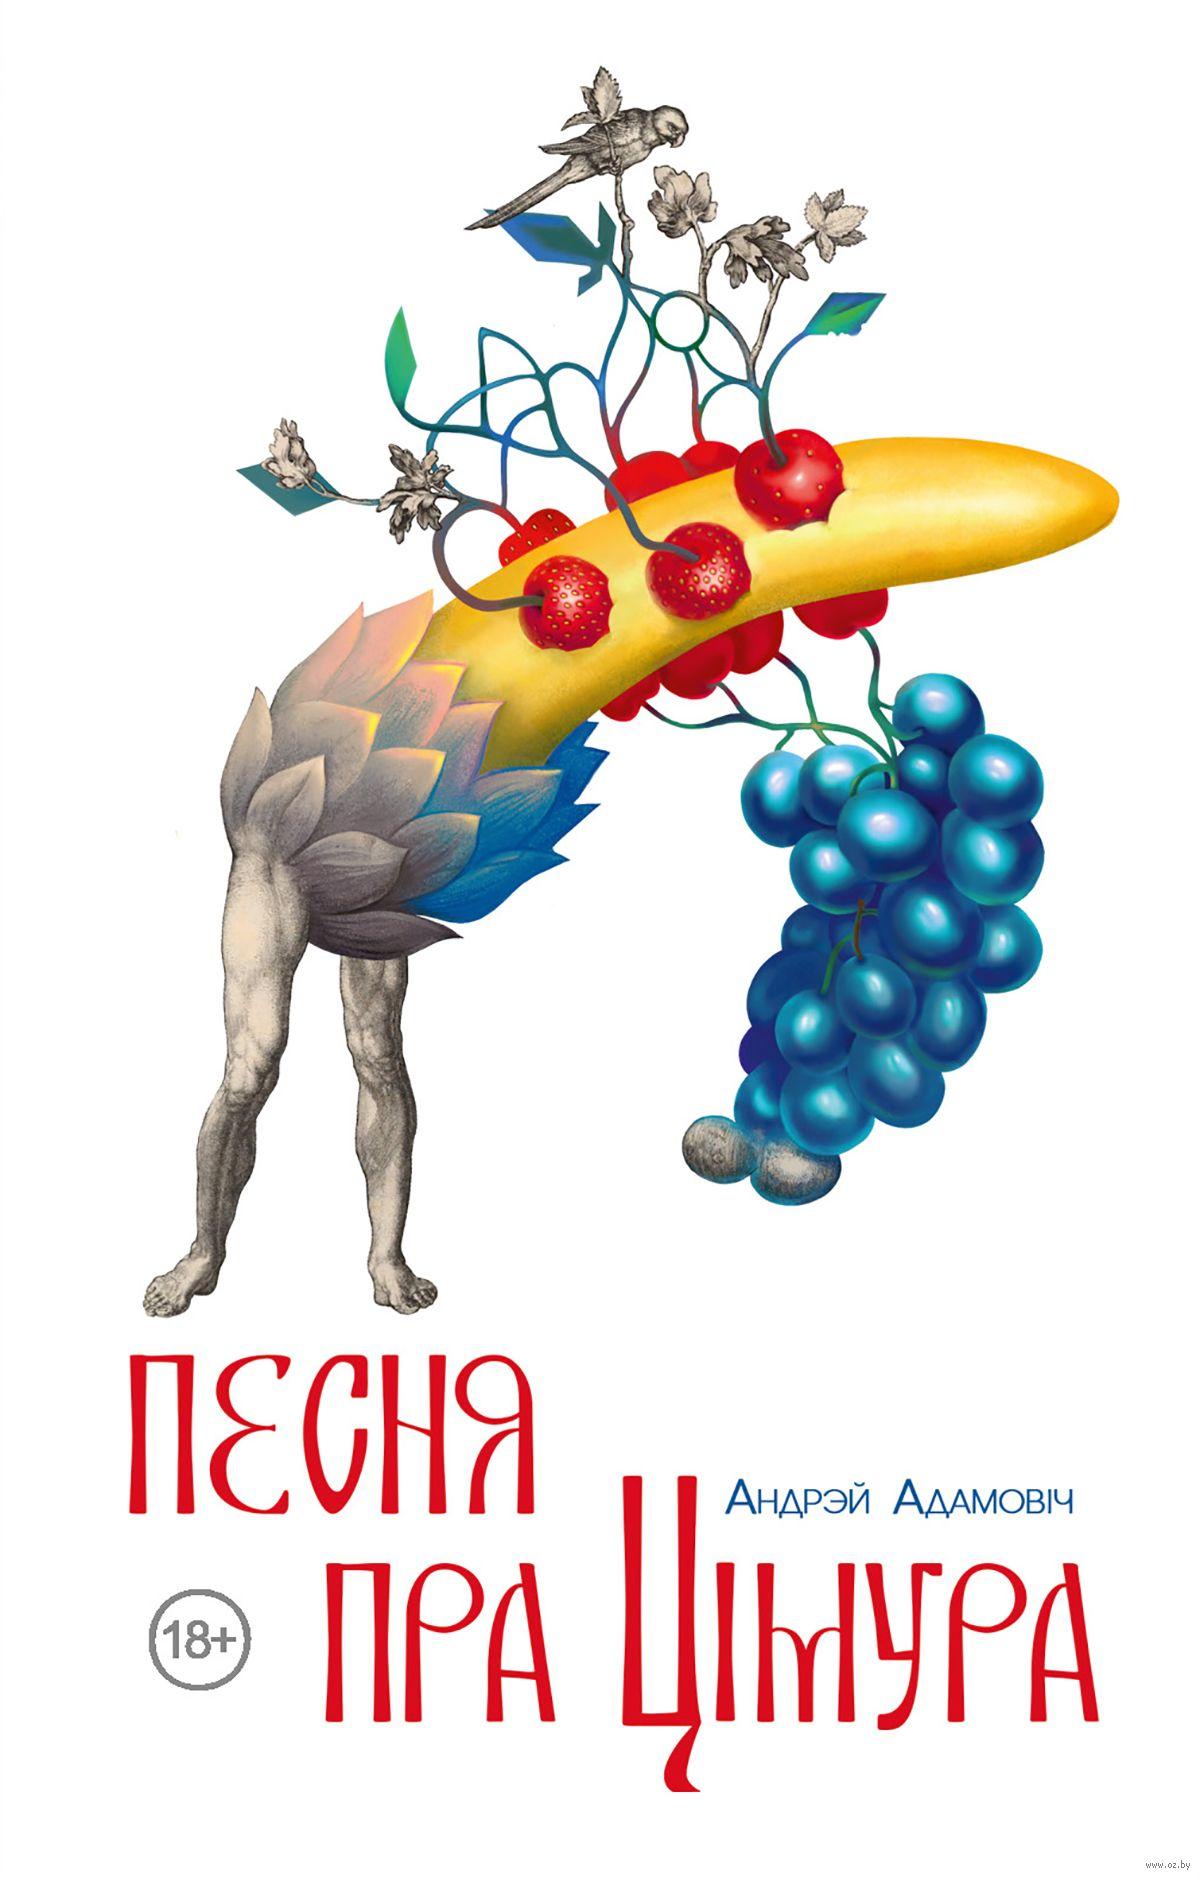 Image result for песня пра цімура